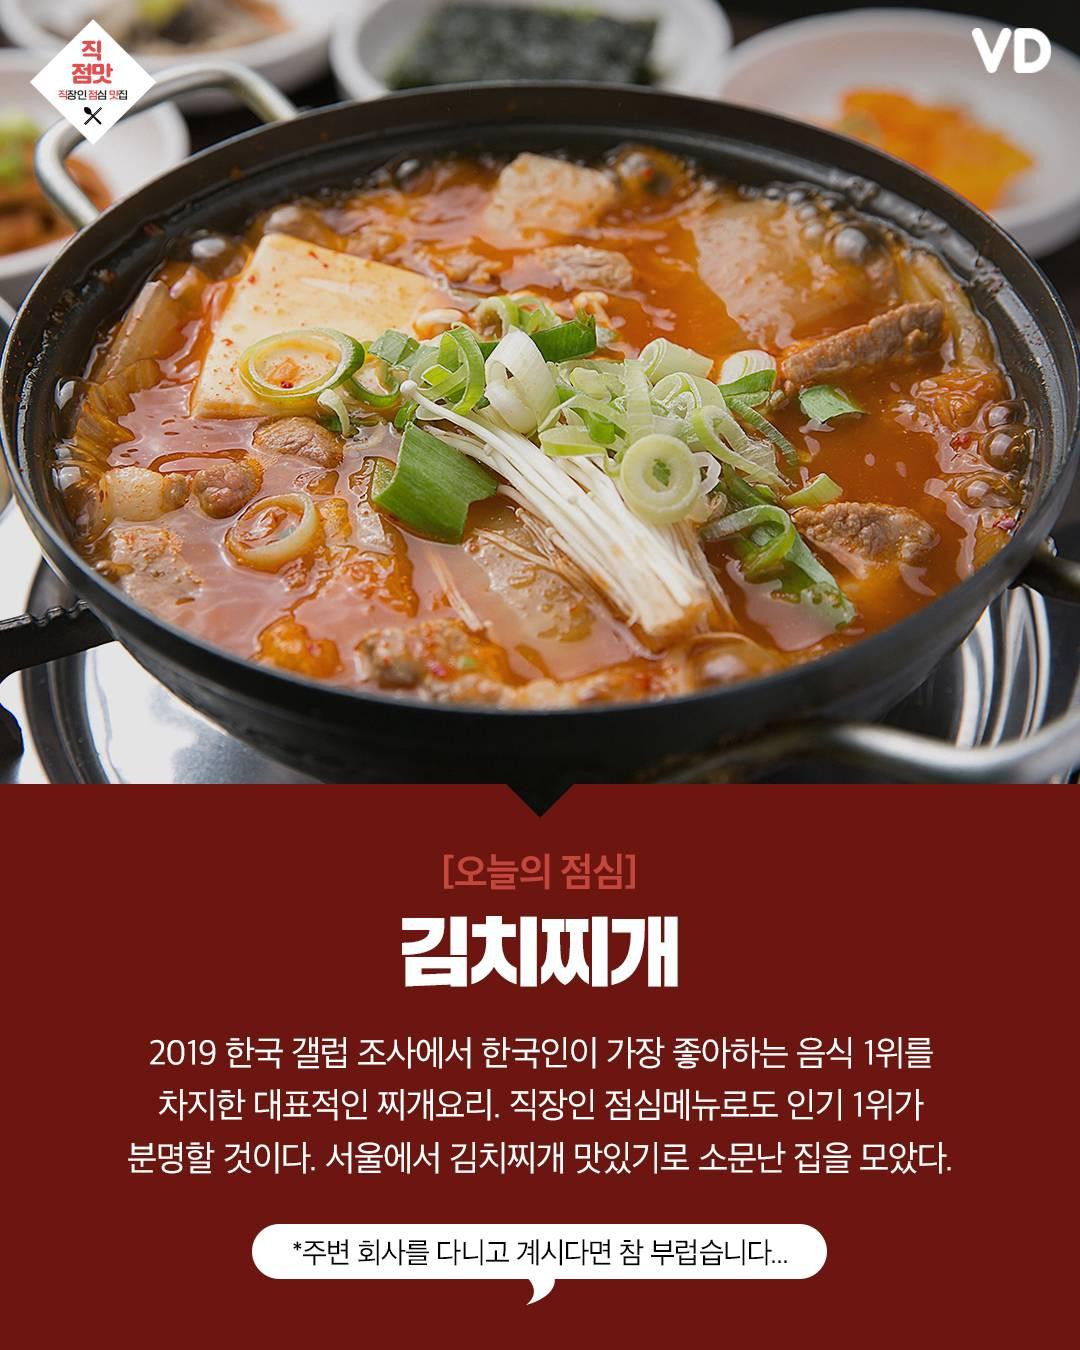 서울 김치찌개가 맛있는 집.jpg | 인스티즈